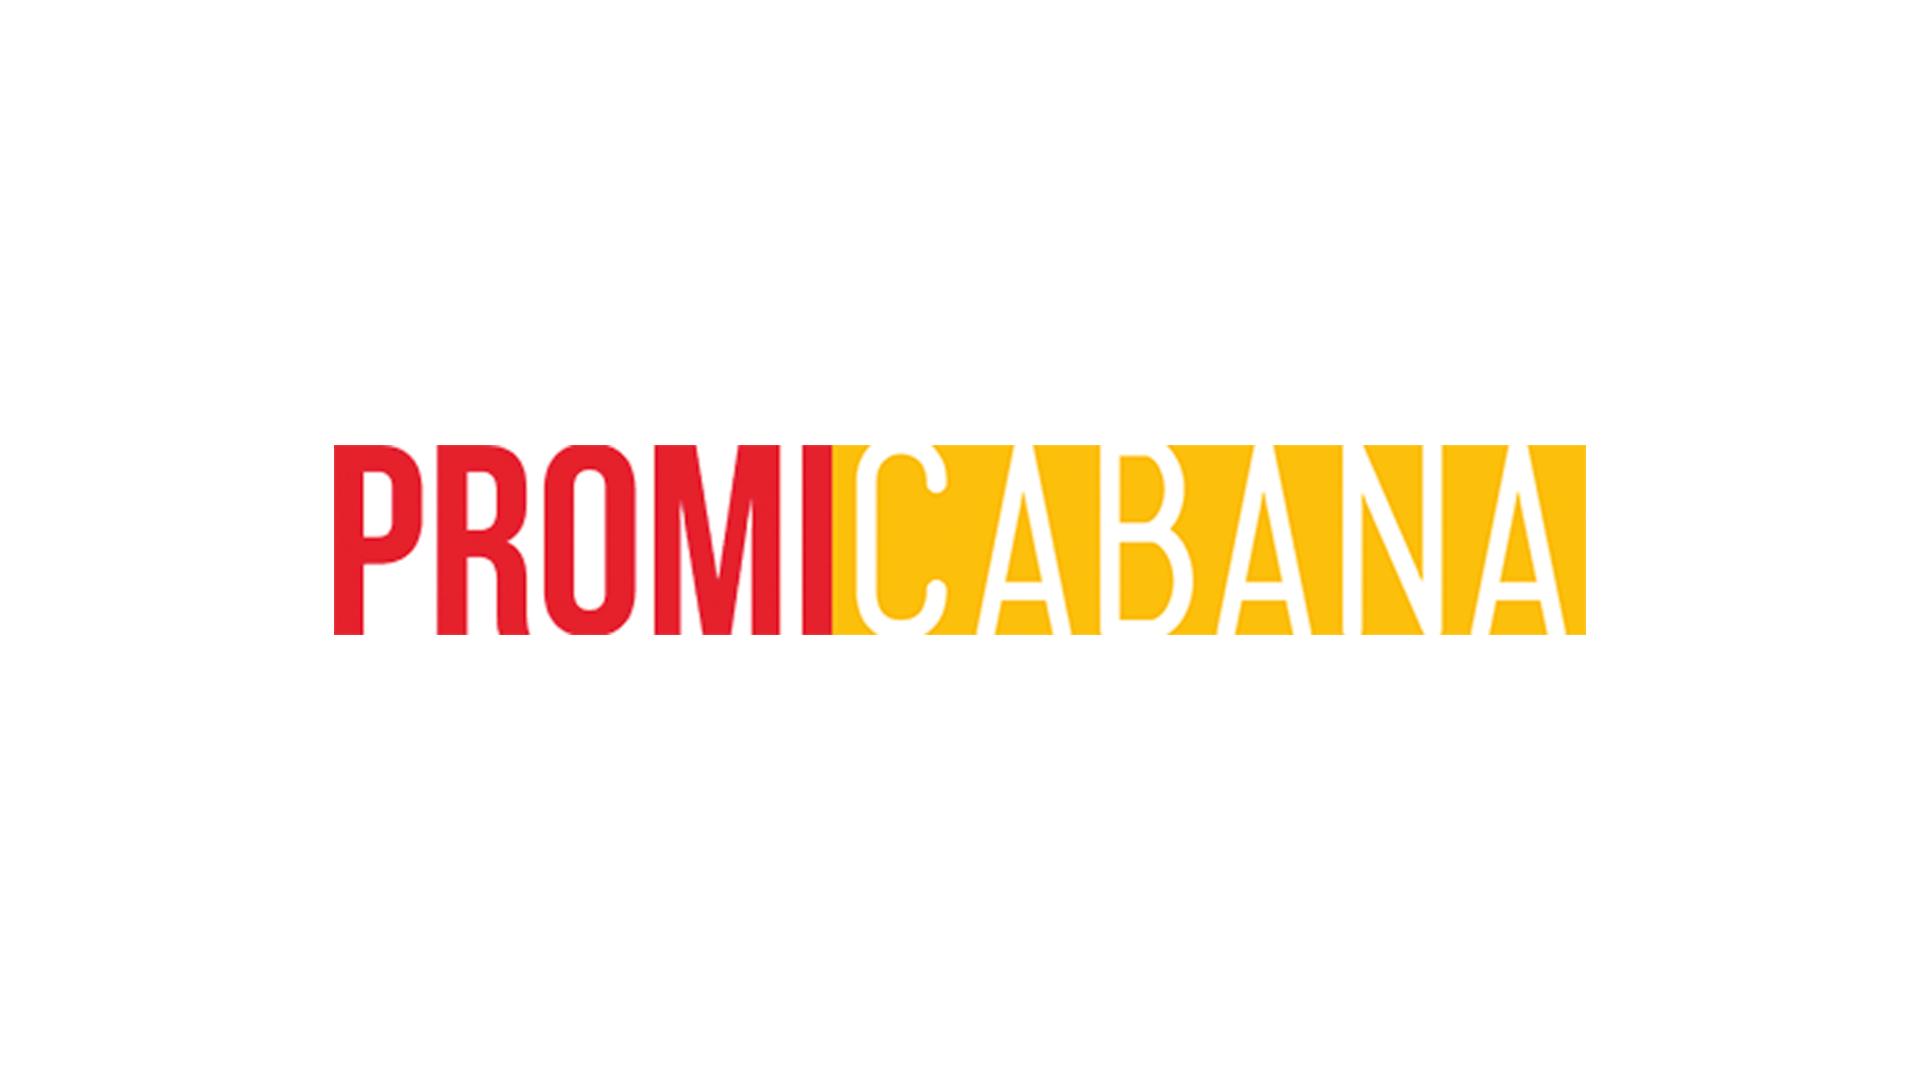 Big-Bang-Theory-Staffel-11-Verlobung-Sheldon-Amy